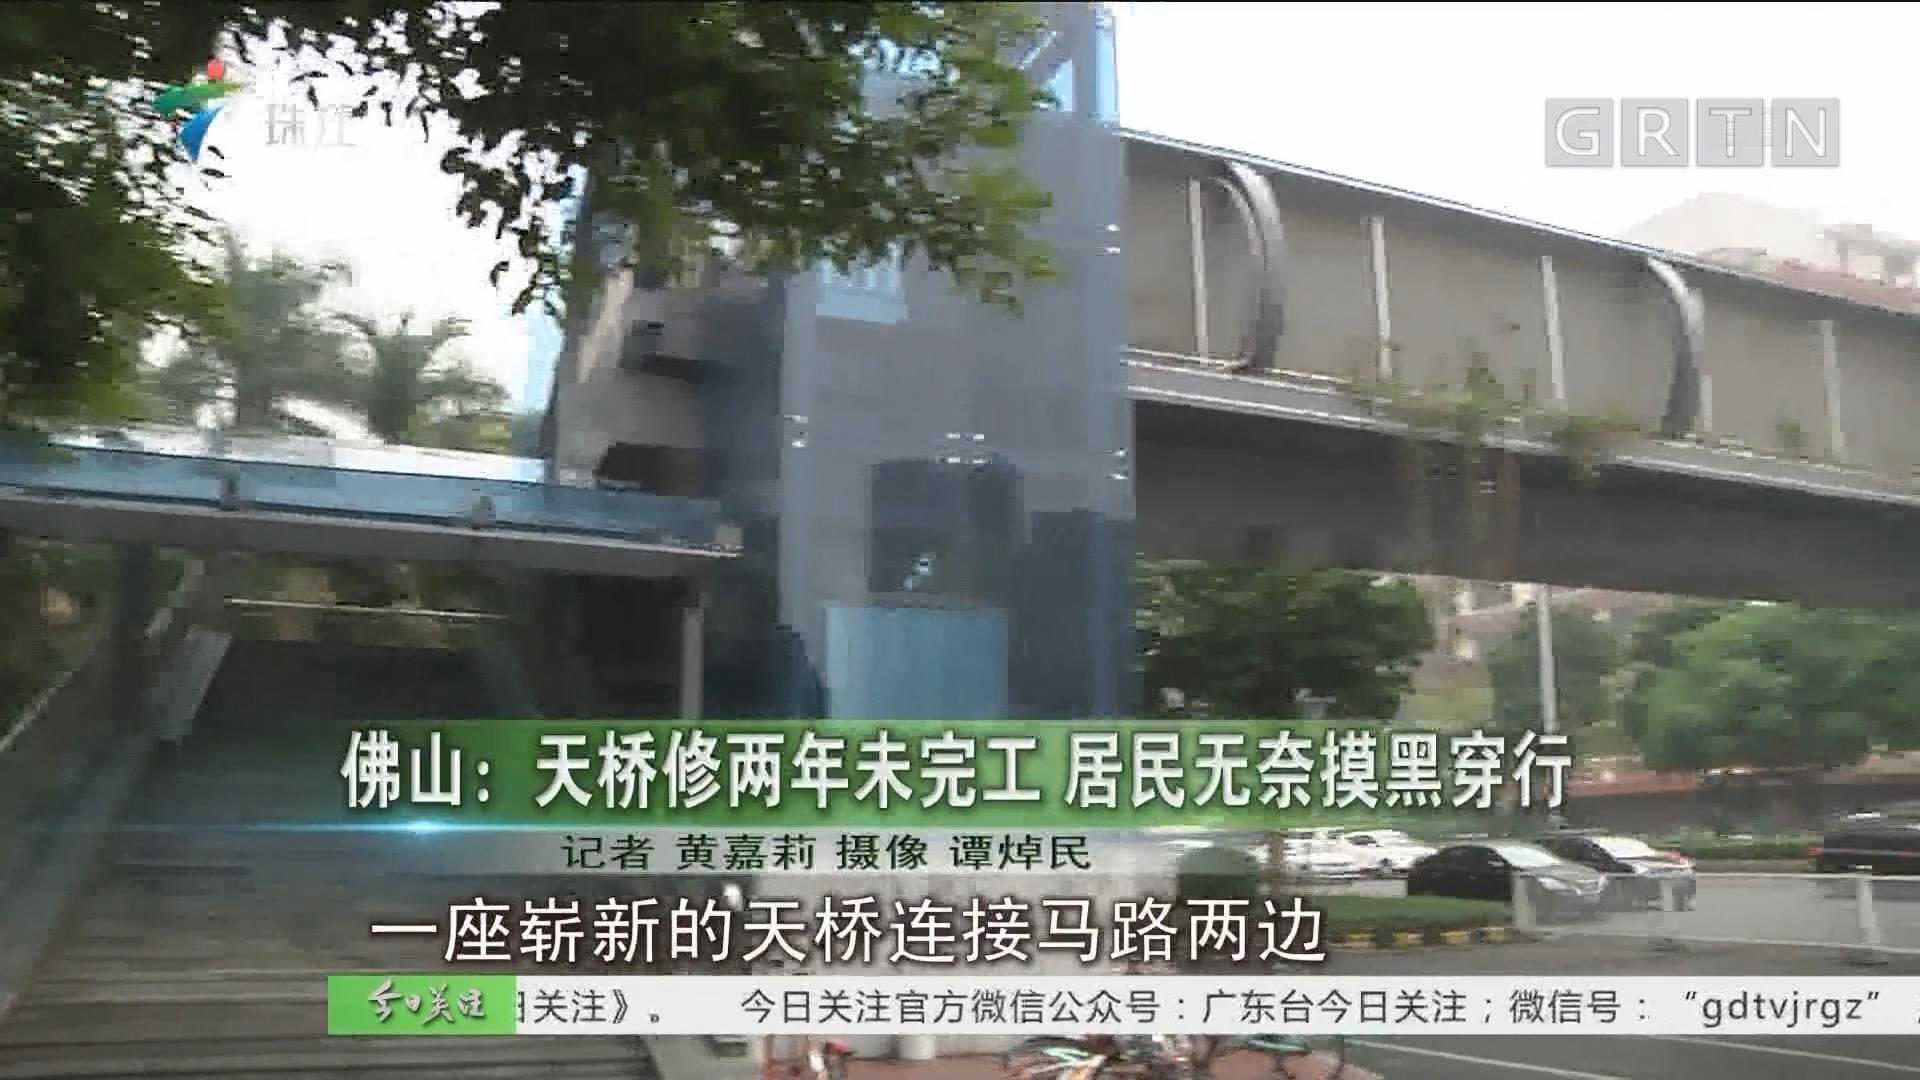 佛山:天桥修两年未完工 居民无奈摸黑穿行